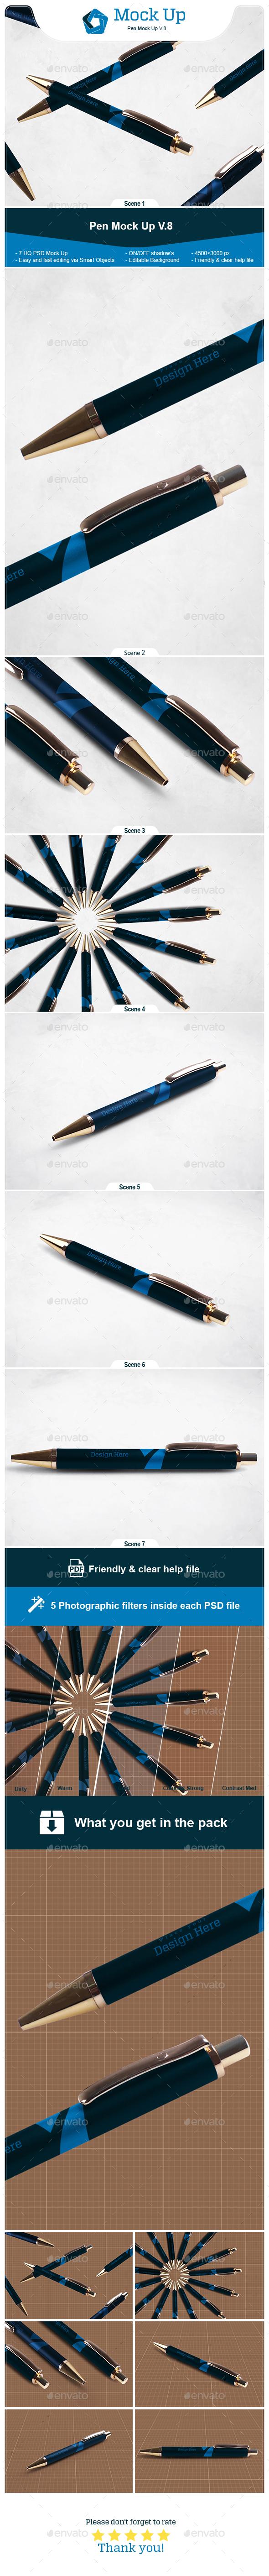 Pen Mock Up V.8 - Logo Product Mock-Ups